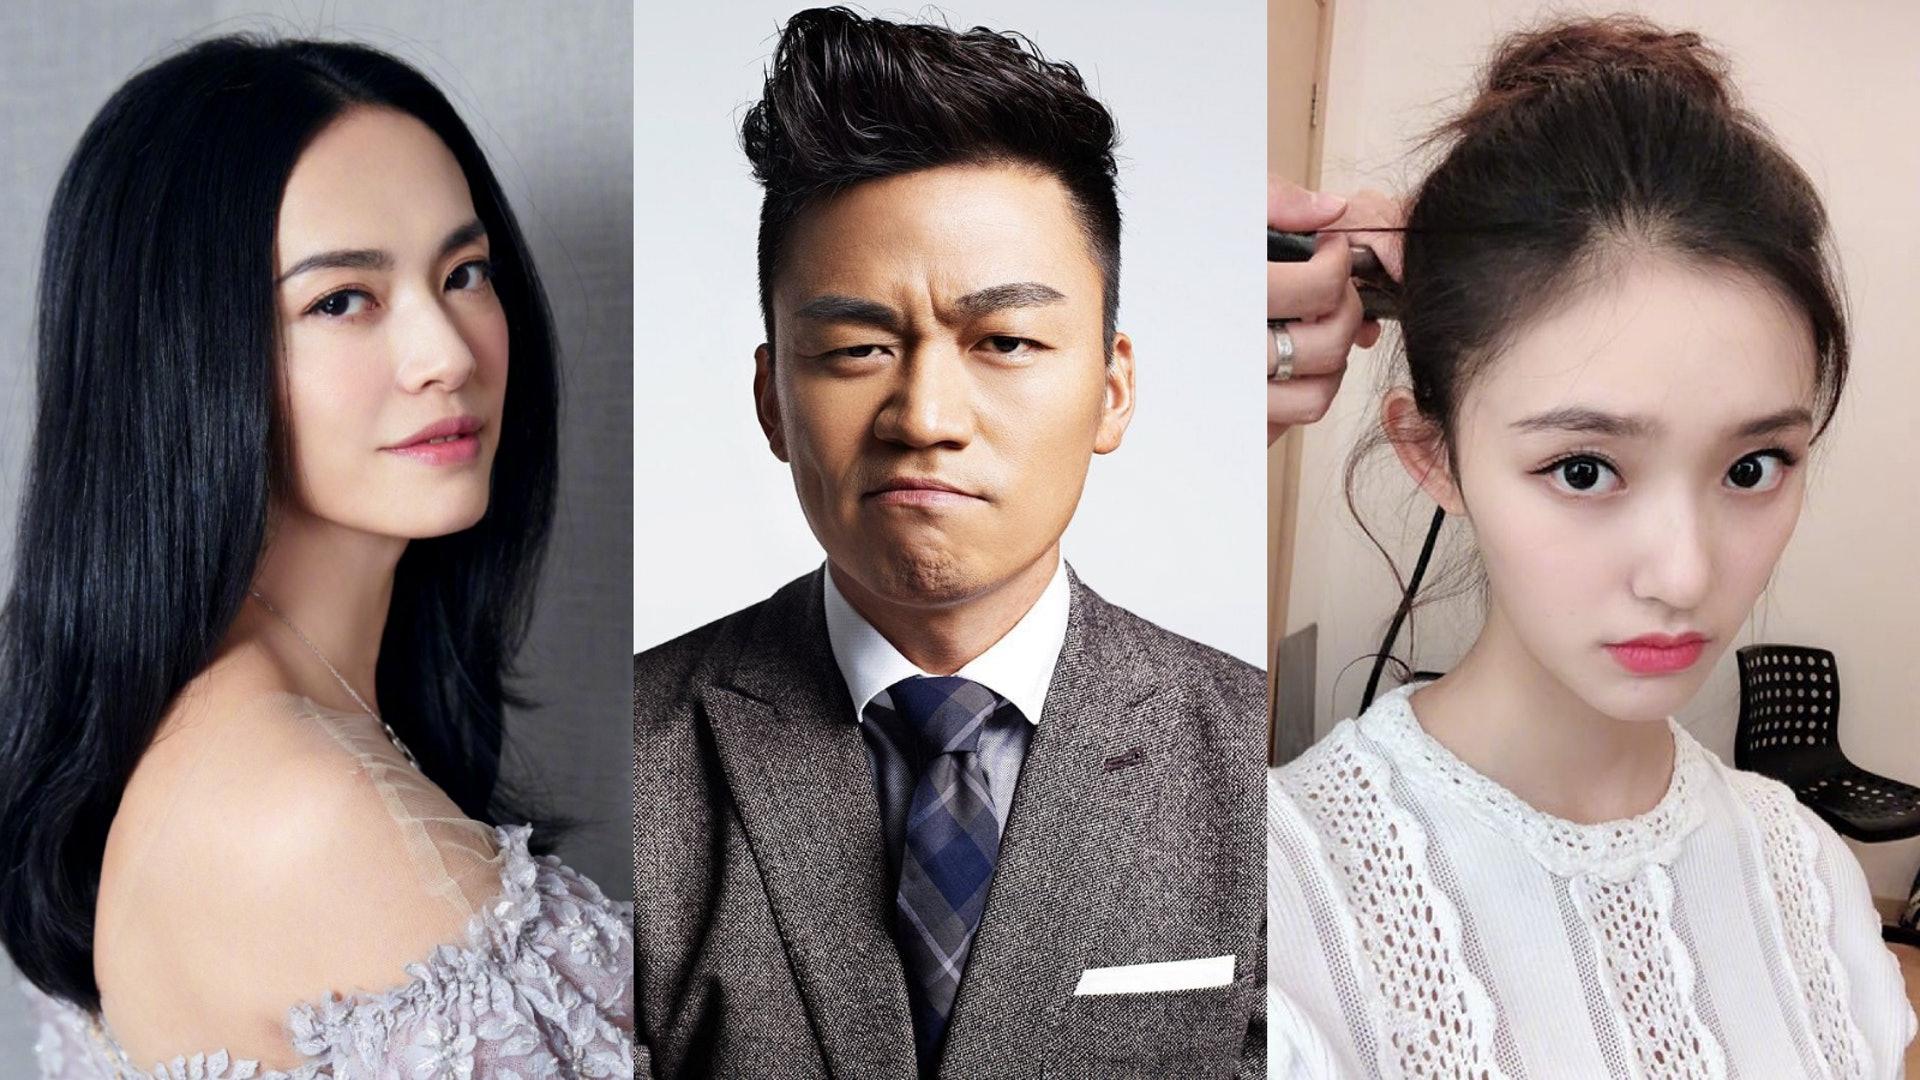 姚晨、王寶強及林允是《新喜劇之王》主要演員。(微博圖片)